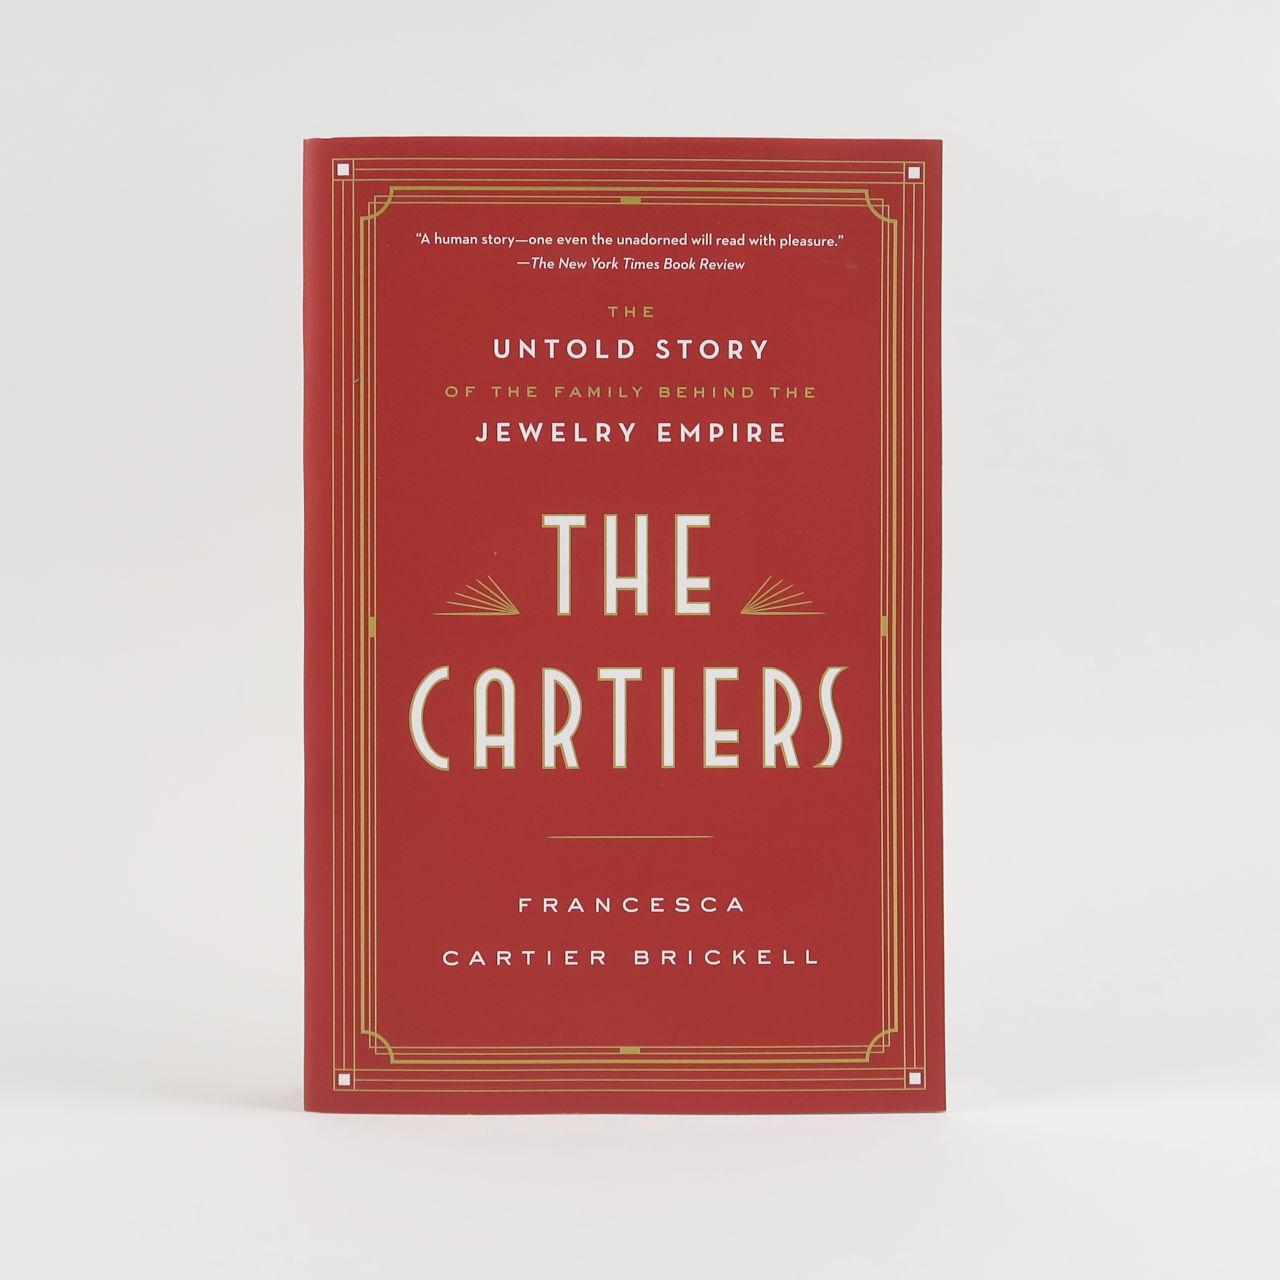 The Cartiers - Francesca Cartier Brickell